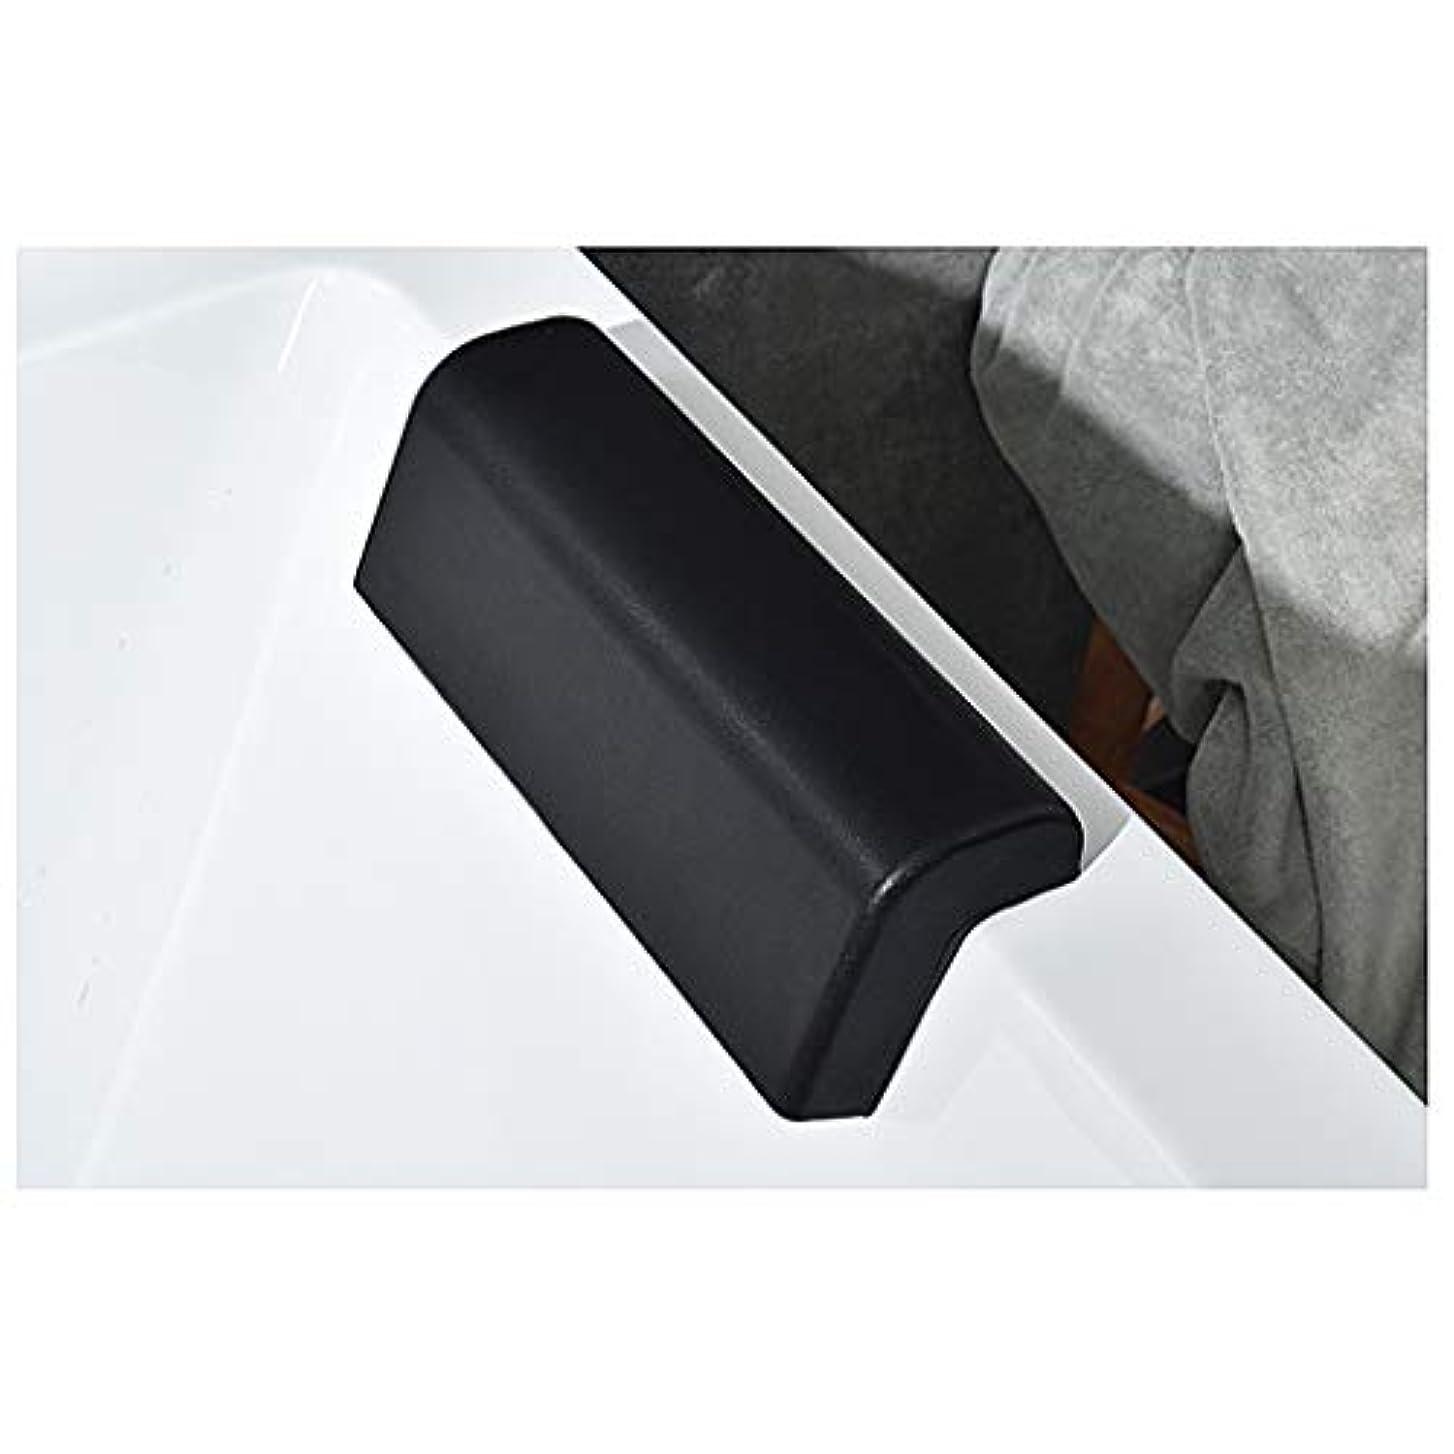 発信傀儡消化器浴槽枕-人間工学に基づいたスパ風呂枕-風呂枕-快適で速乾性-首と肩用-肩の支え-風呂枕-2つの吸盤付きの滑り止め浴槽枕-四角い浴槽に最適-ジャグジー そしてスパ